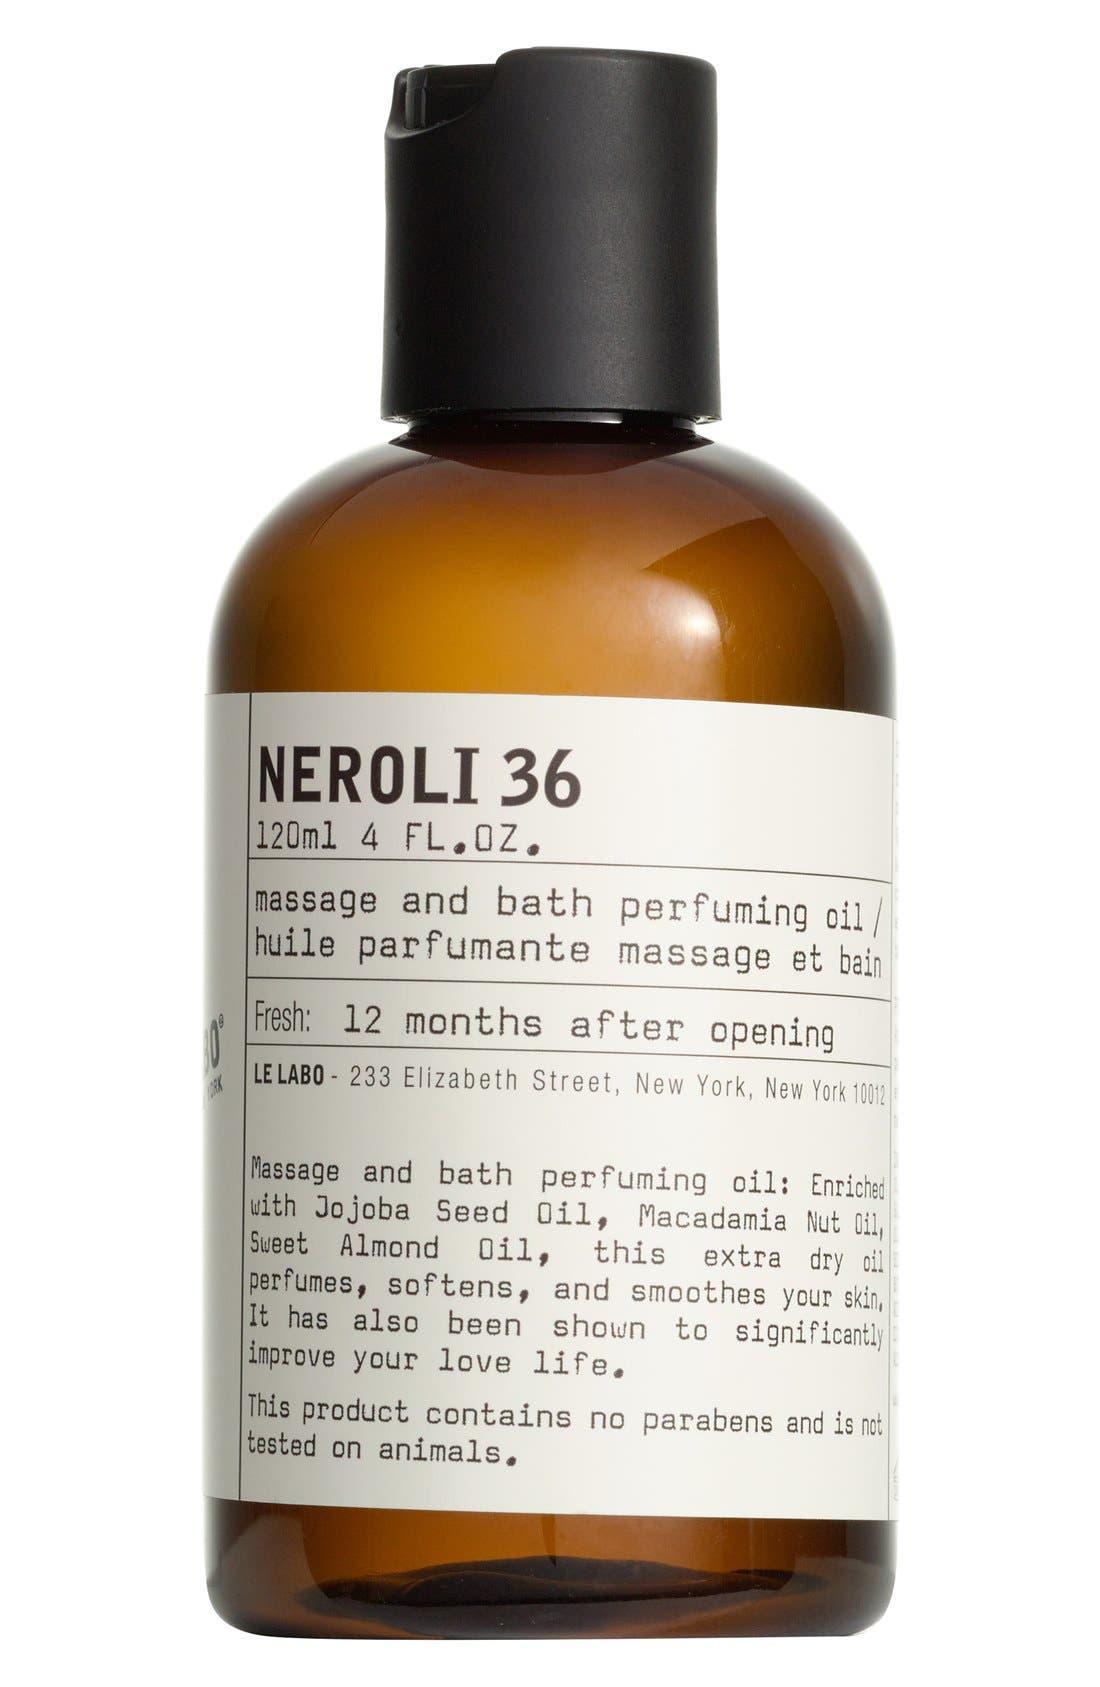 Le Labo 'Neroli 36' Body Oil